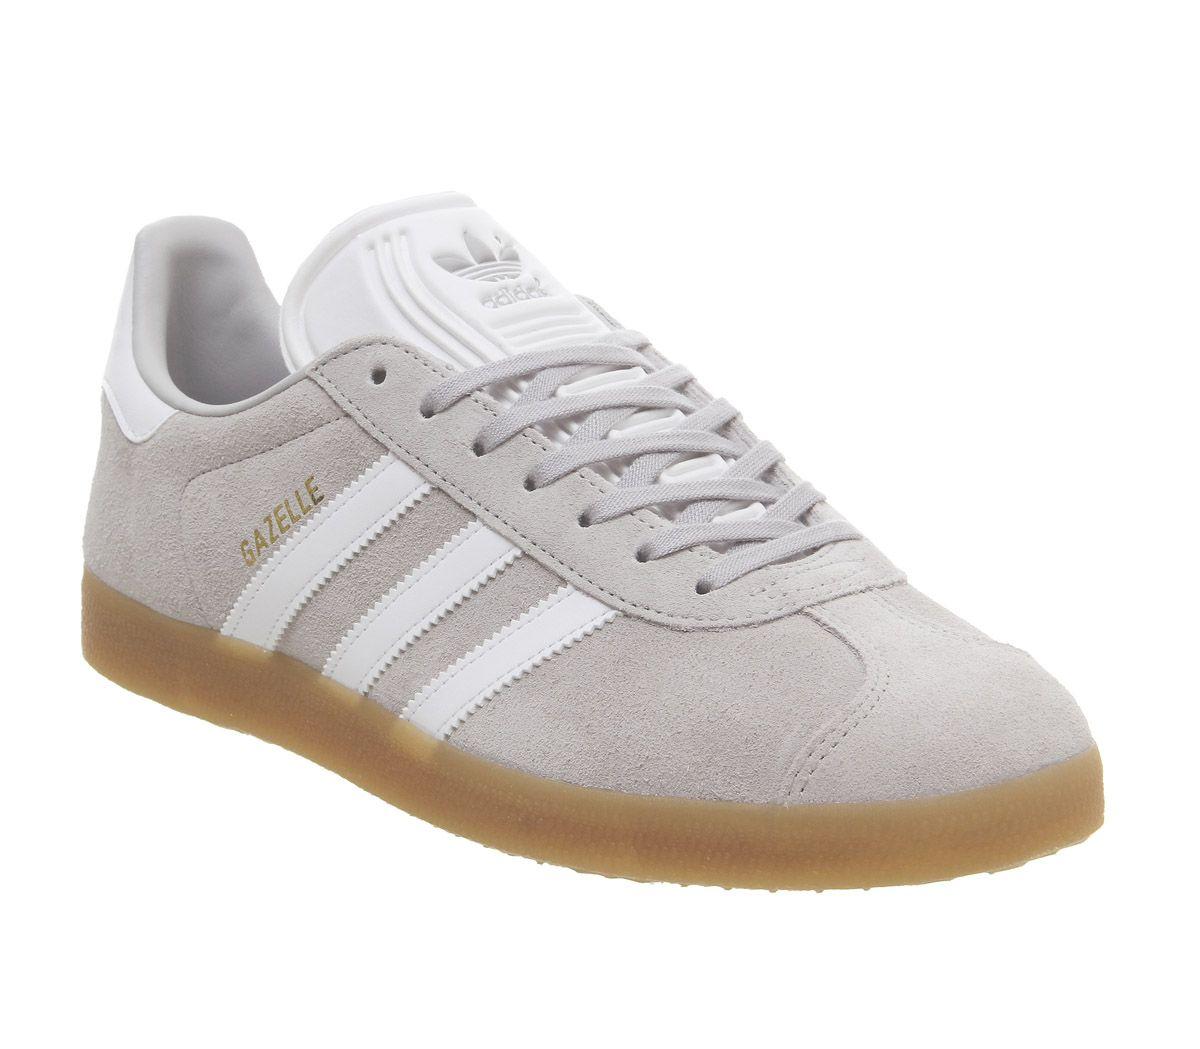 site réputé fa178 00e47 Detalles de Adidas Gazelle Gris de Entrenadores Dos Blancas Goma Zapatillas  Deportivas